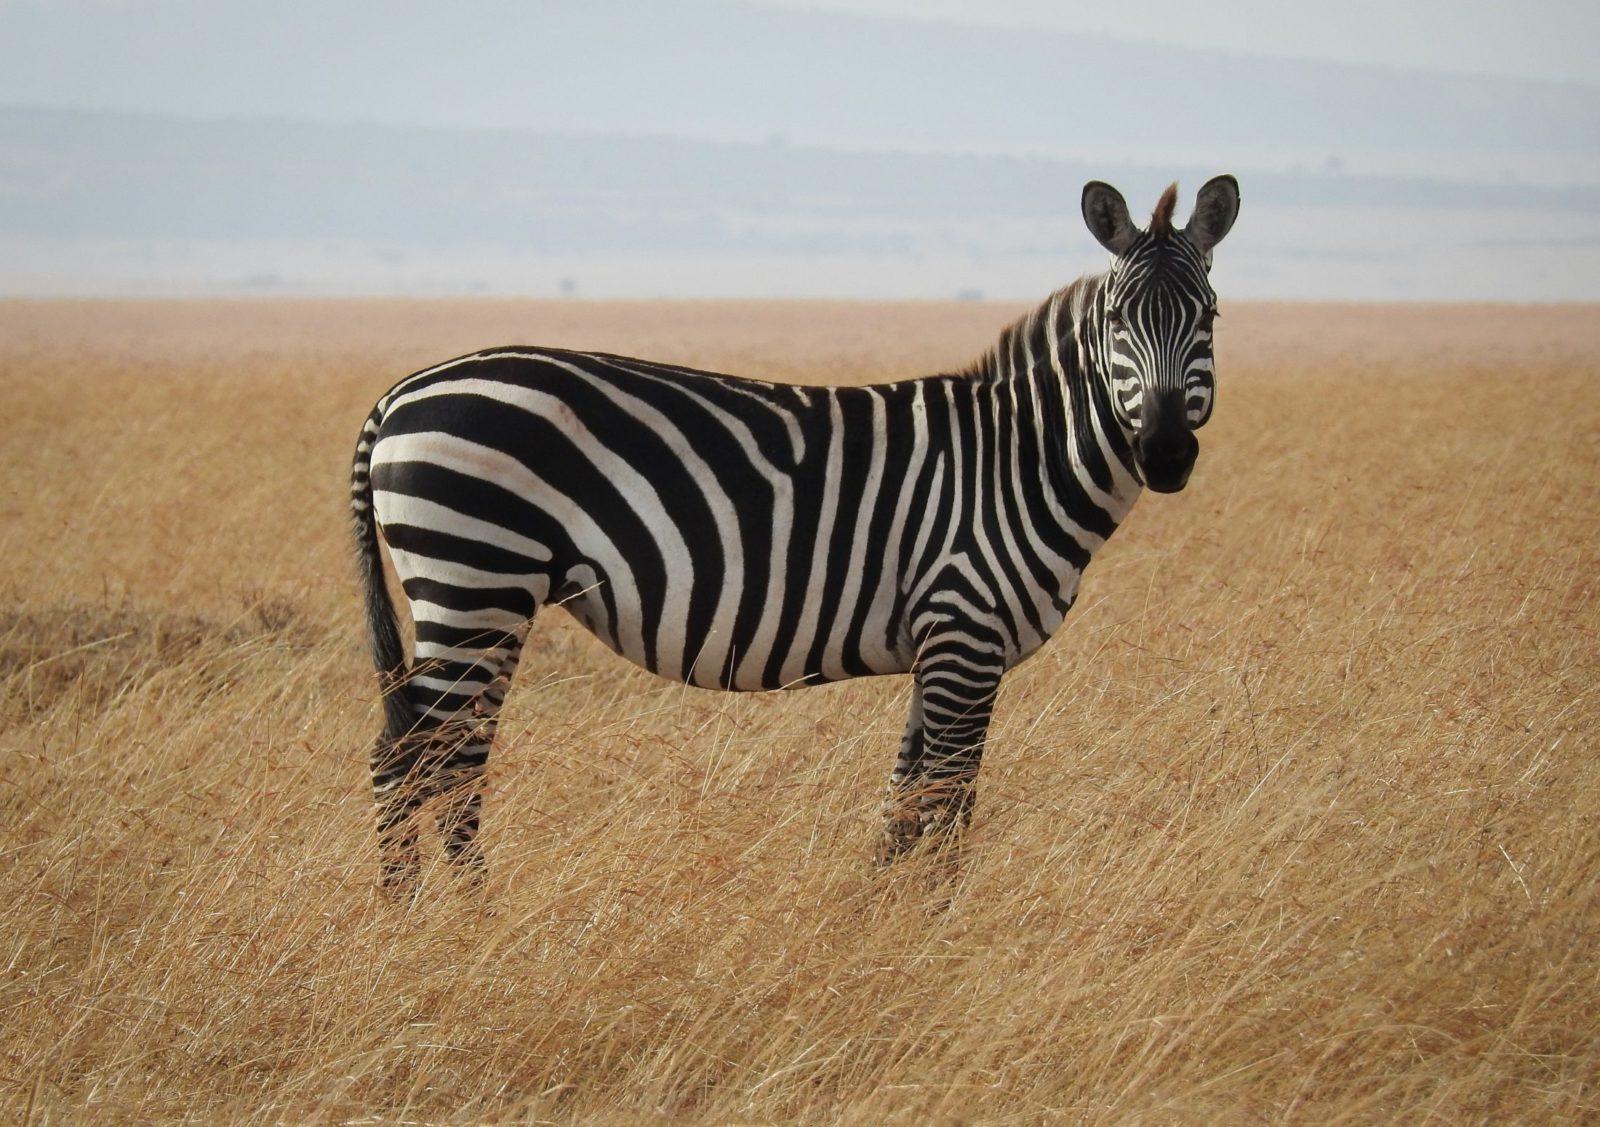 Sonhar com zebra é sinal de atração entre opostos